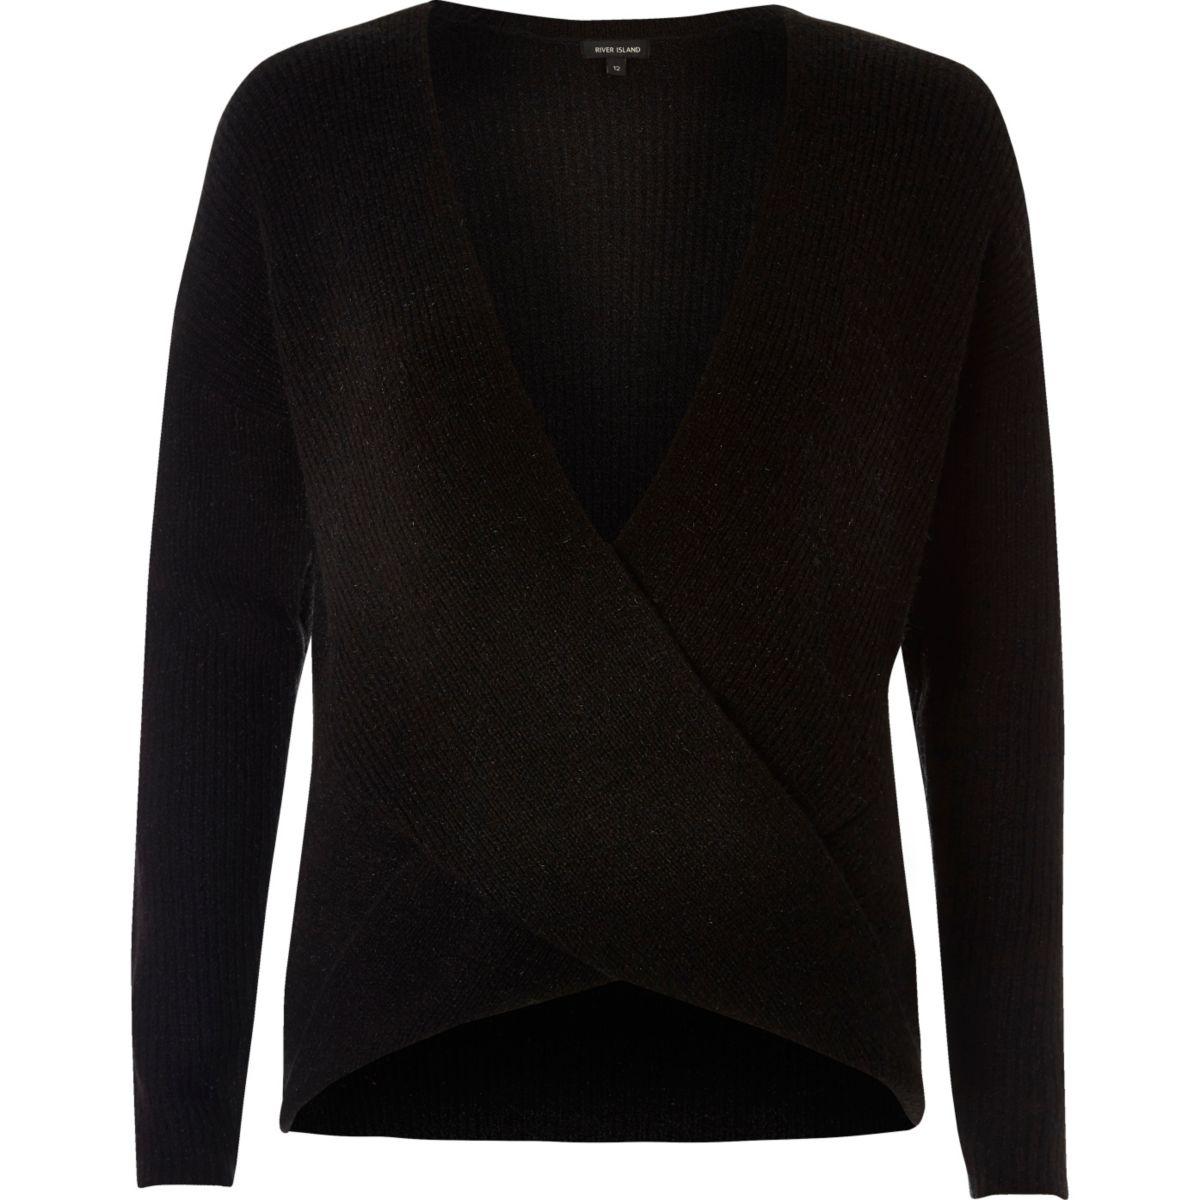 Black wrap plunge jumper